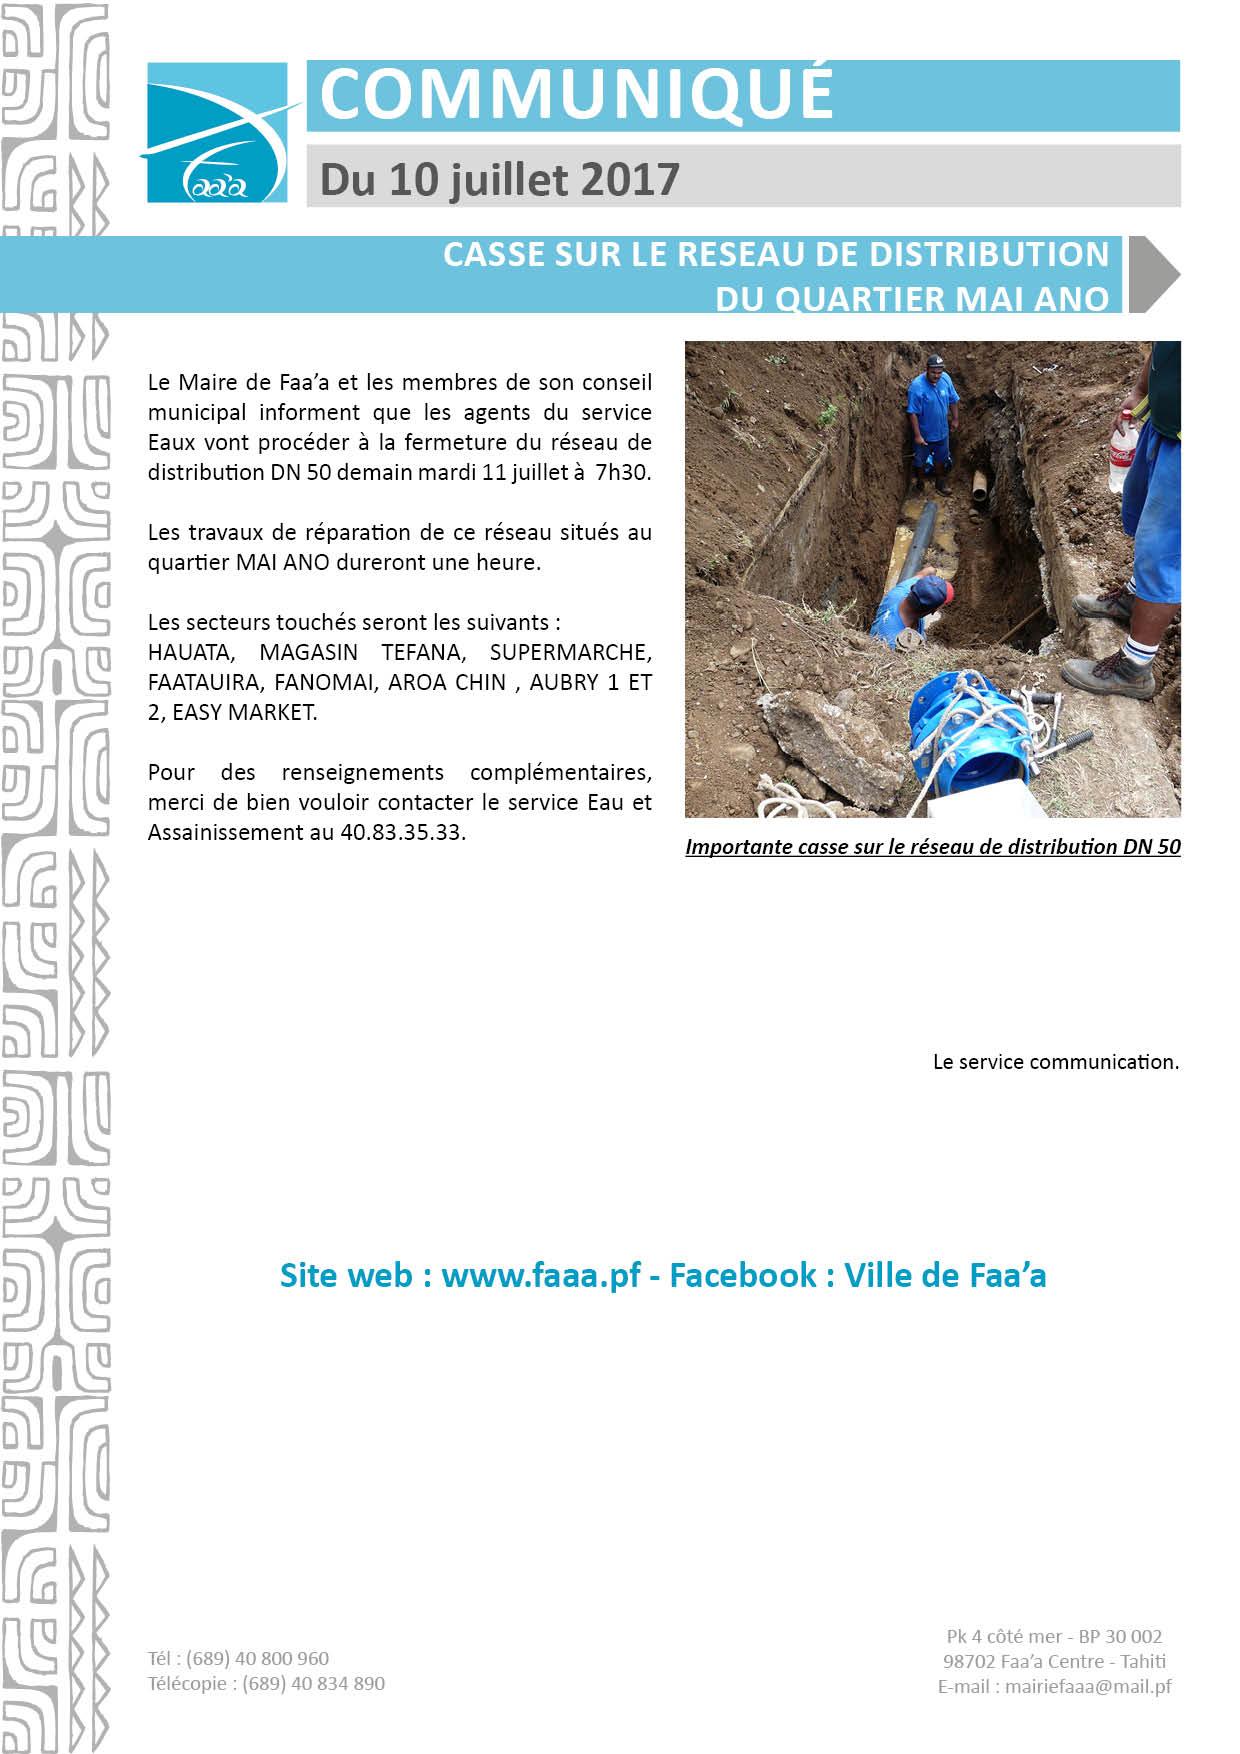 Faa'a : coupure d'eau au quartier Mai Ano, le 11 juillet